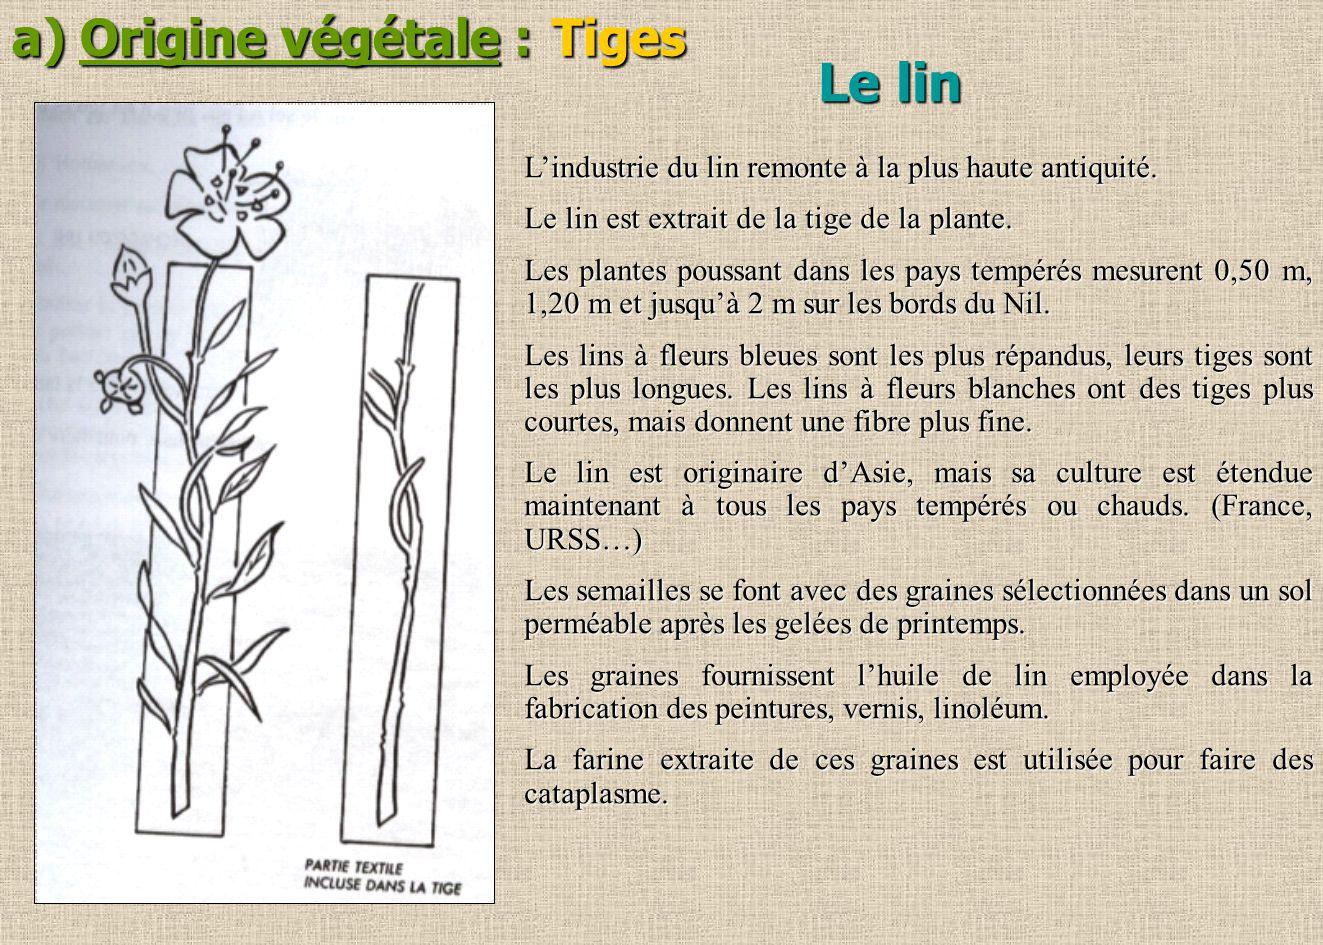 a) Origine végétale : Tiges